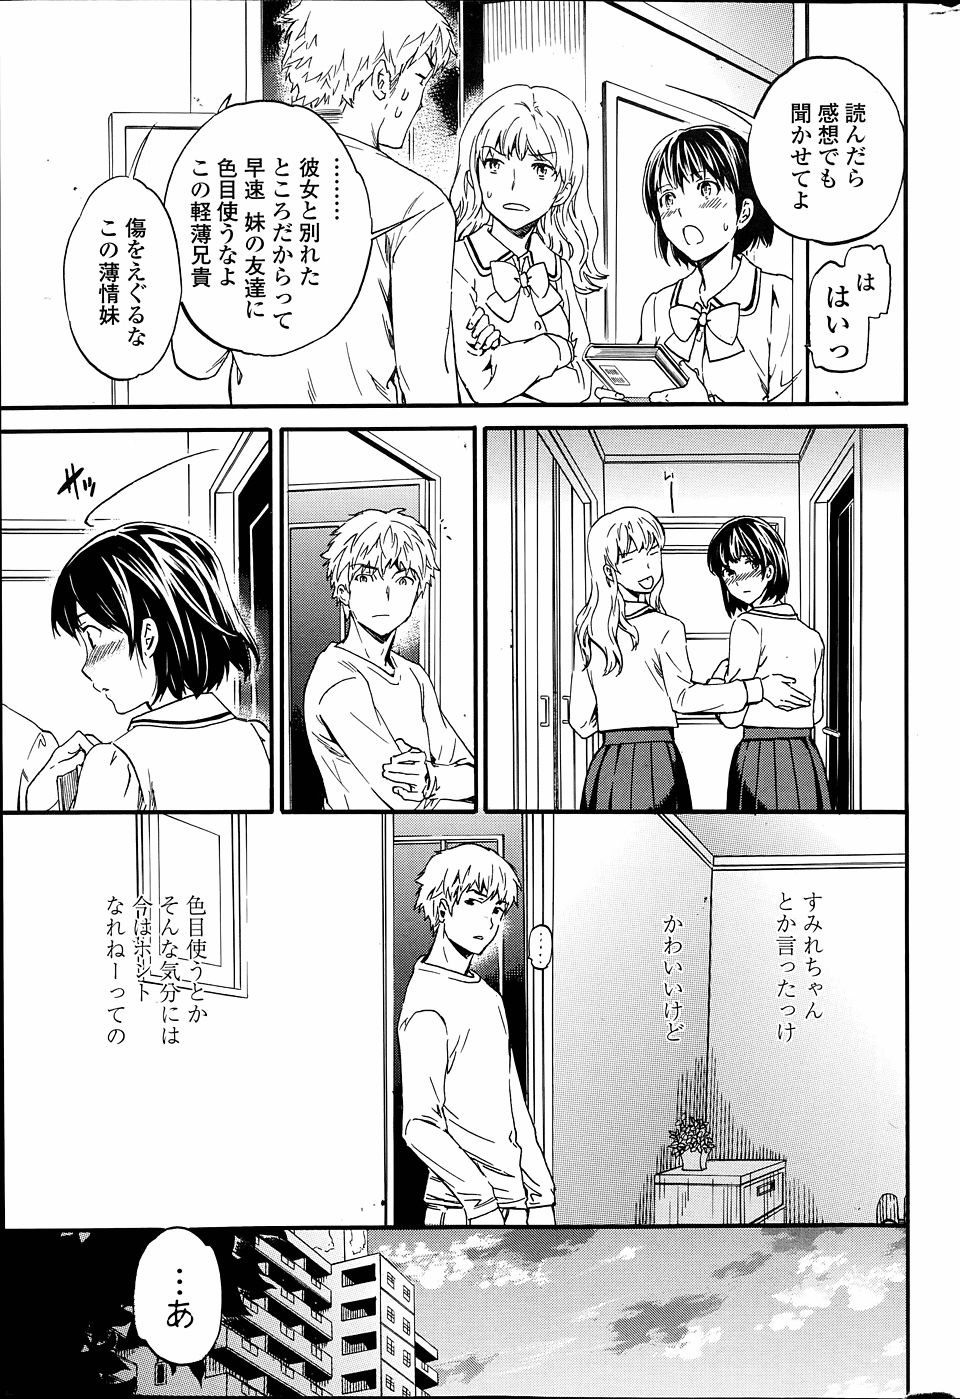 【エロ漫画・同人誌】妹の友達に間違えてブックカバーを入れ替えたエロ本を貸してしまったが、それをきっかけにセフレにできたwww 003